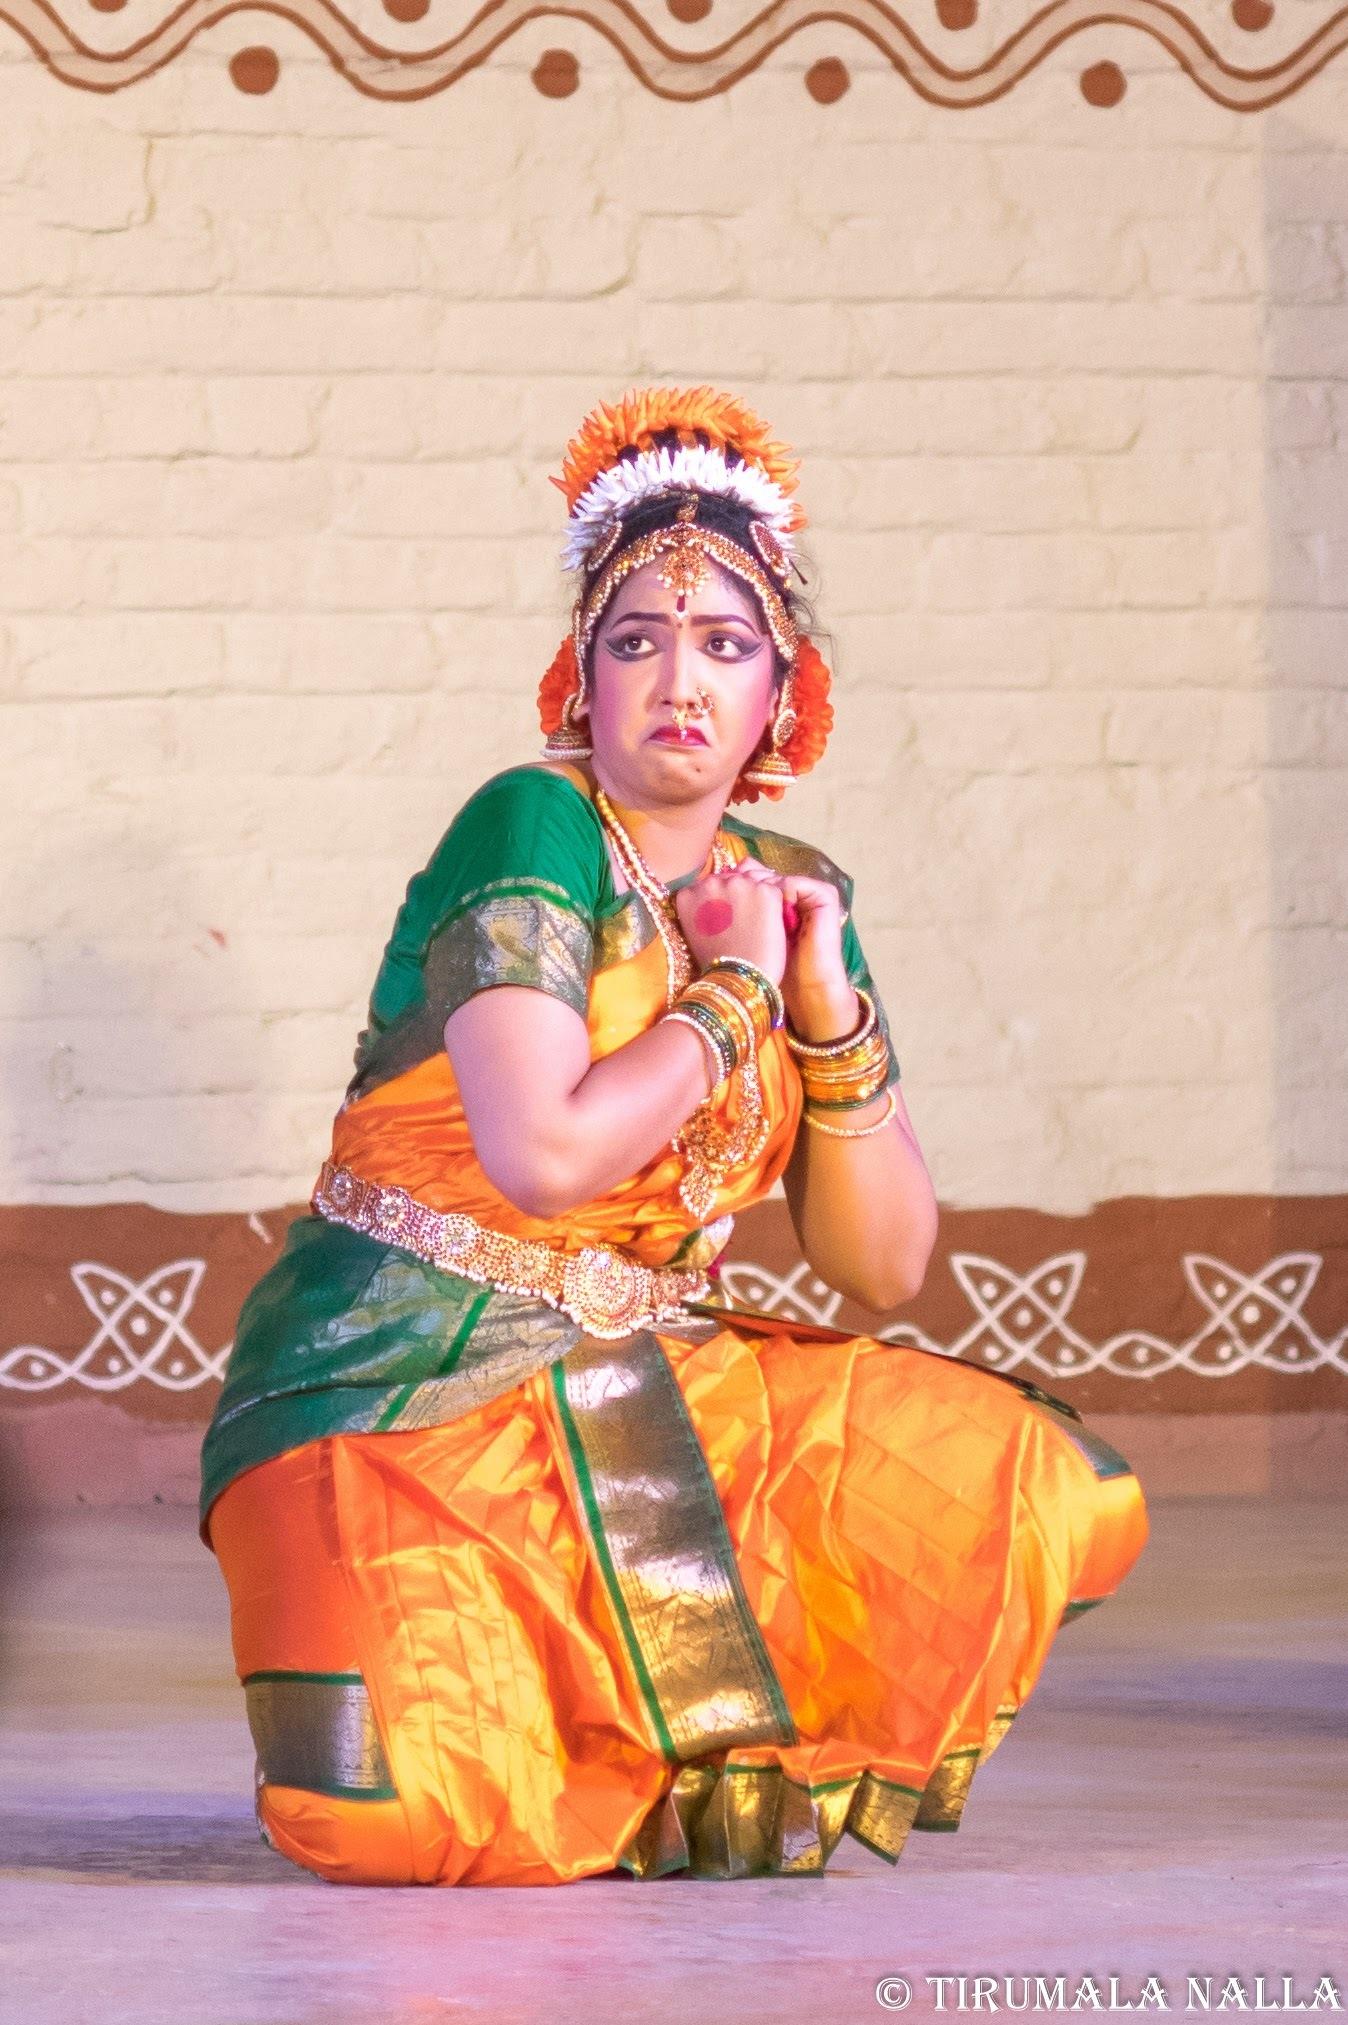 Kuchipudi dancer by Tirumala Nalla